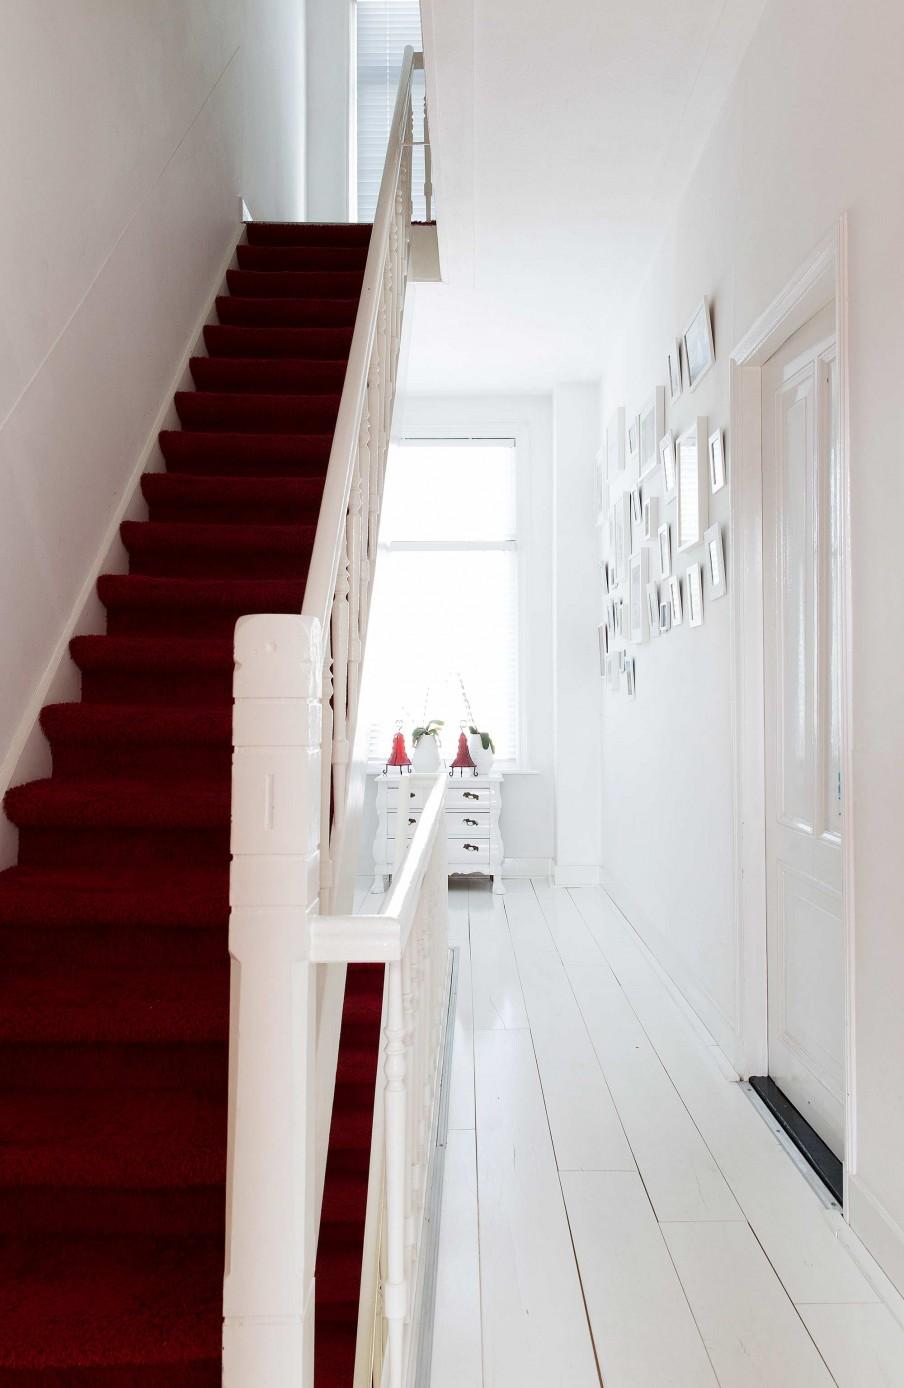 escalier rouge et blanc